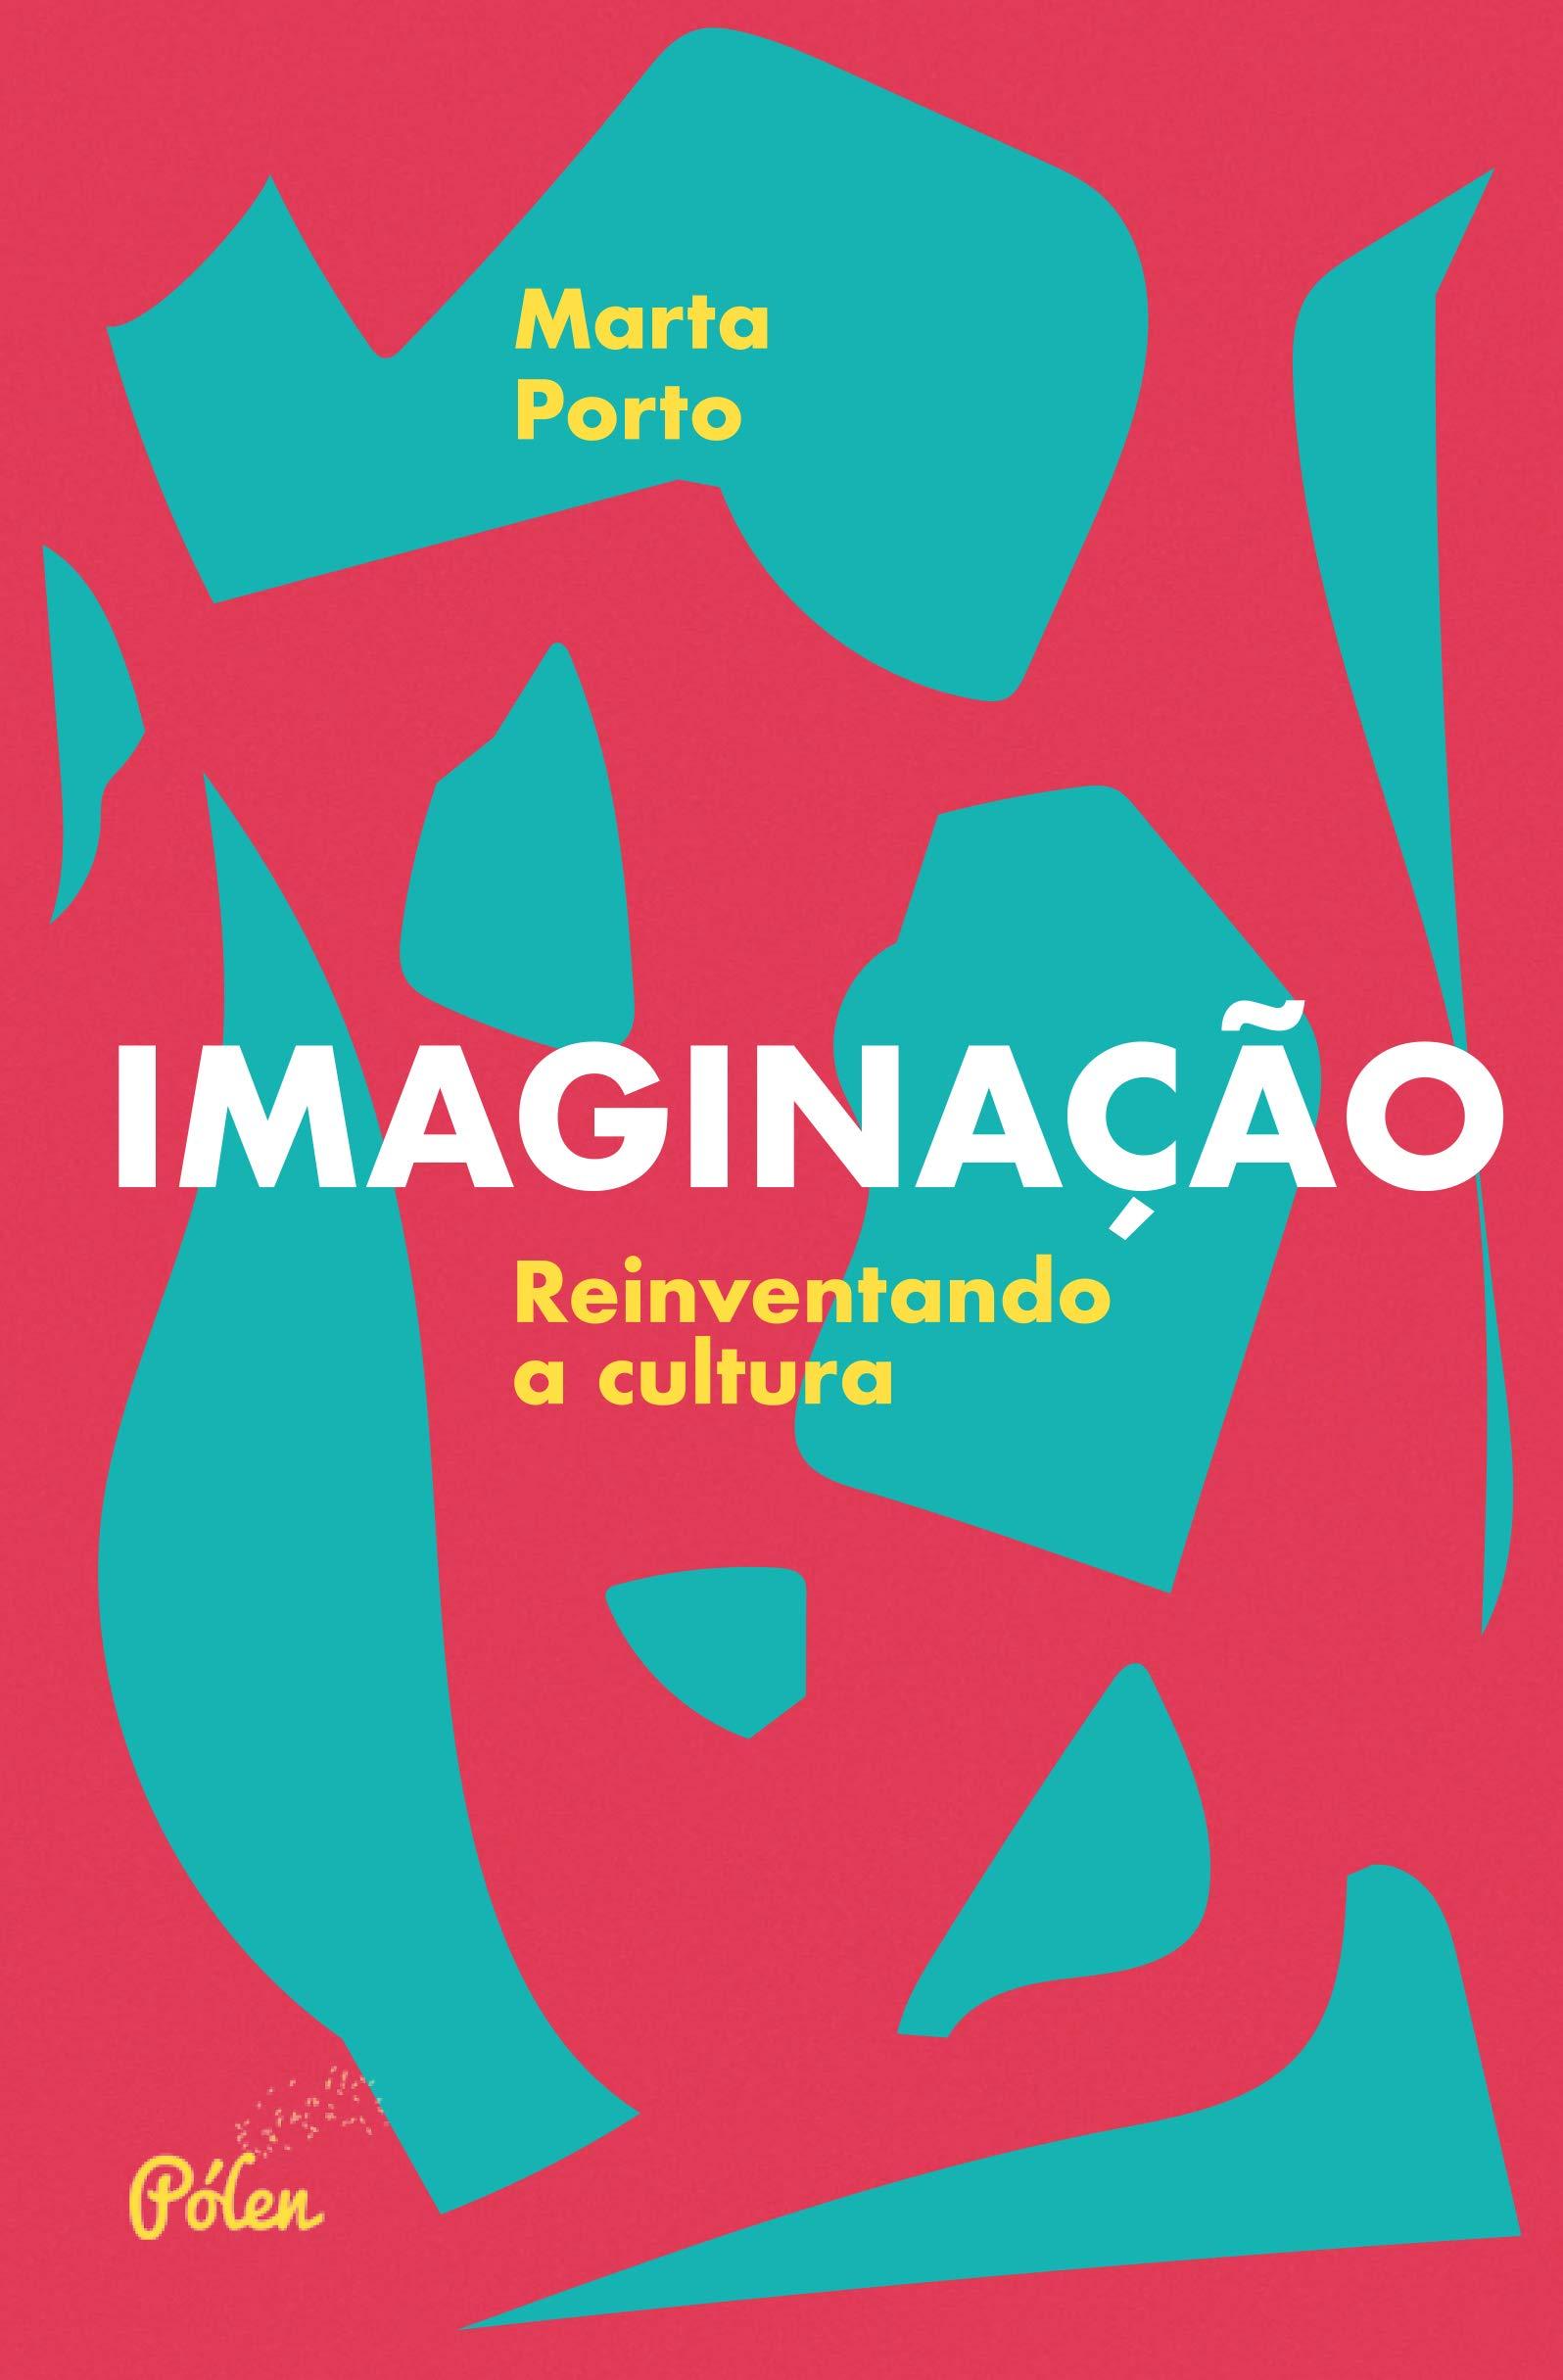 Imaginação - Reiventando a cultura, livro de Marta Porto